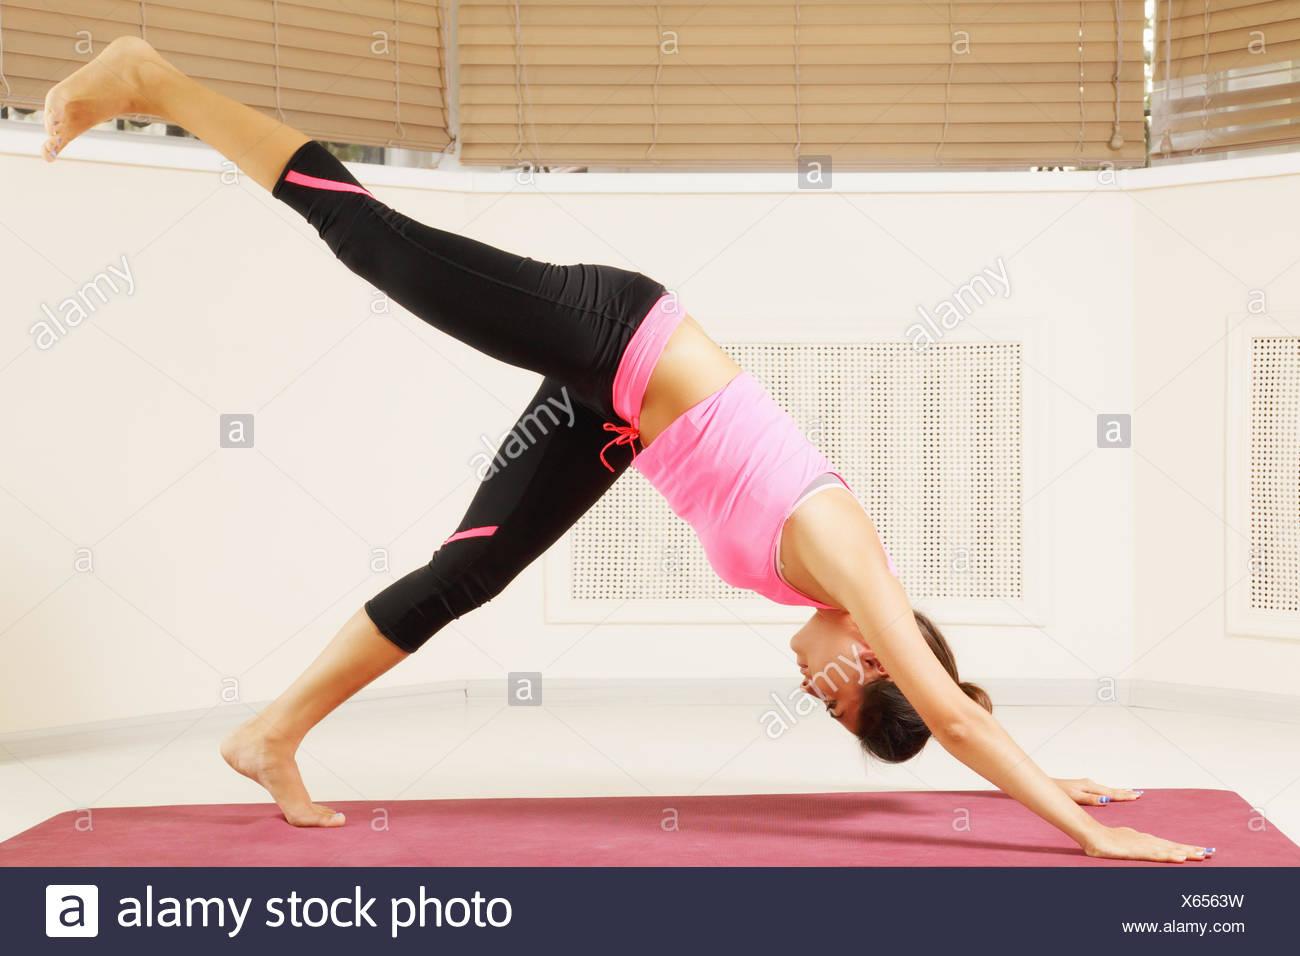 Yoga pose one leg up Stock Photo - Alamy